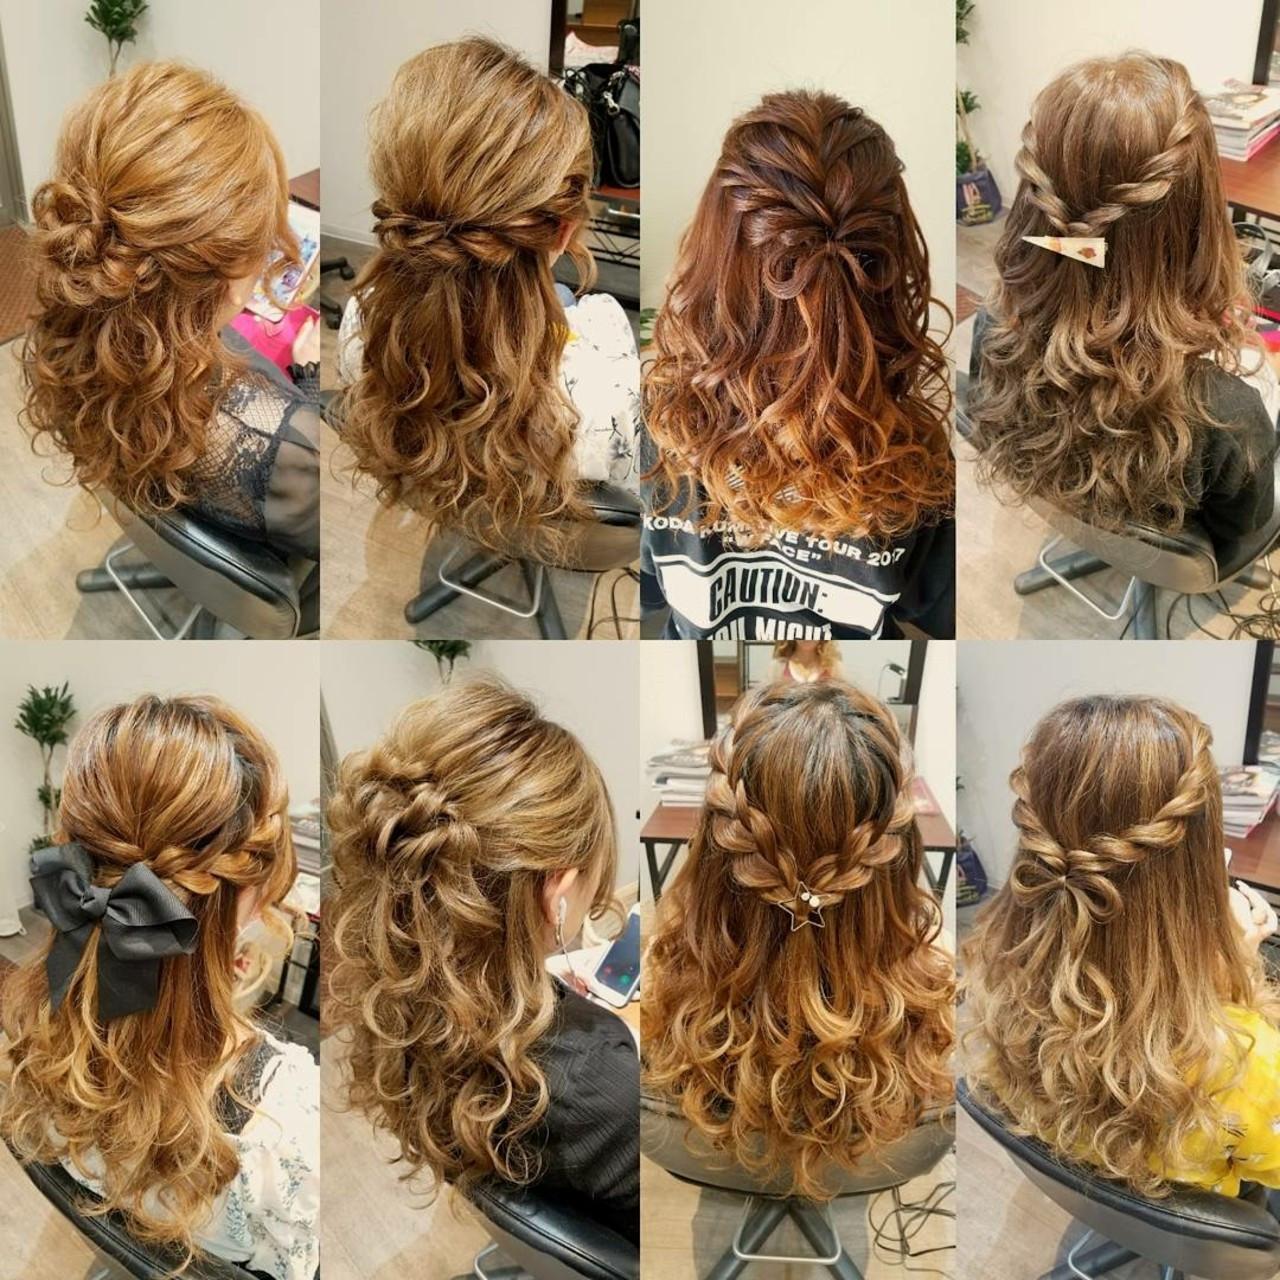 フェミニン ロング ハーフアップ ヘアスタイルや髪型の写真・画像